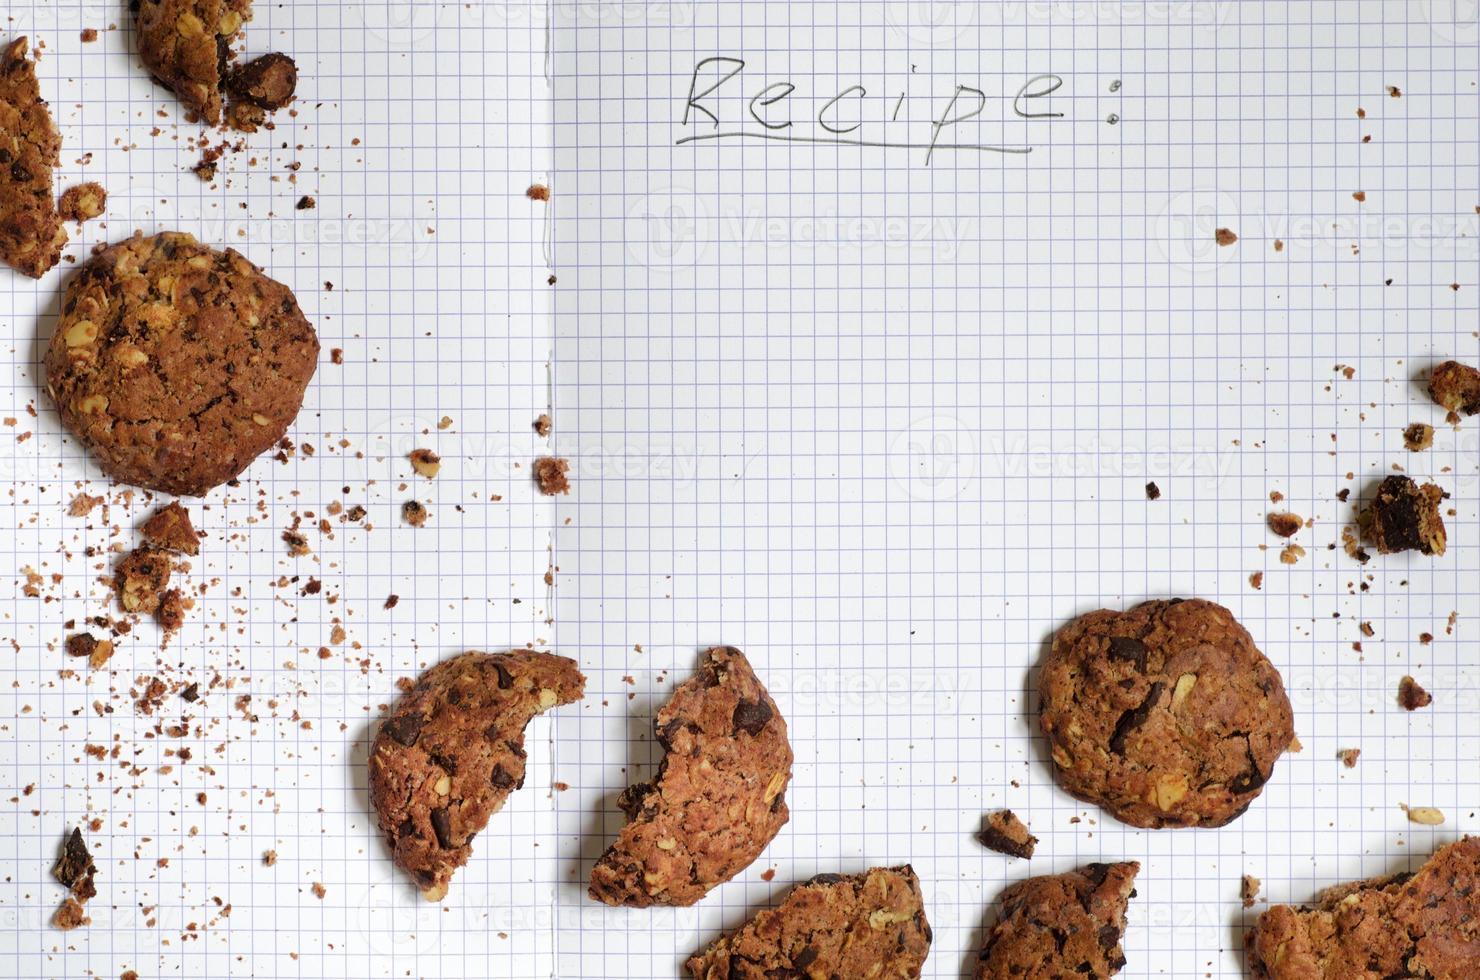 recette de biscuits au chocolat photo